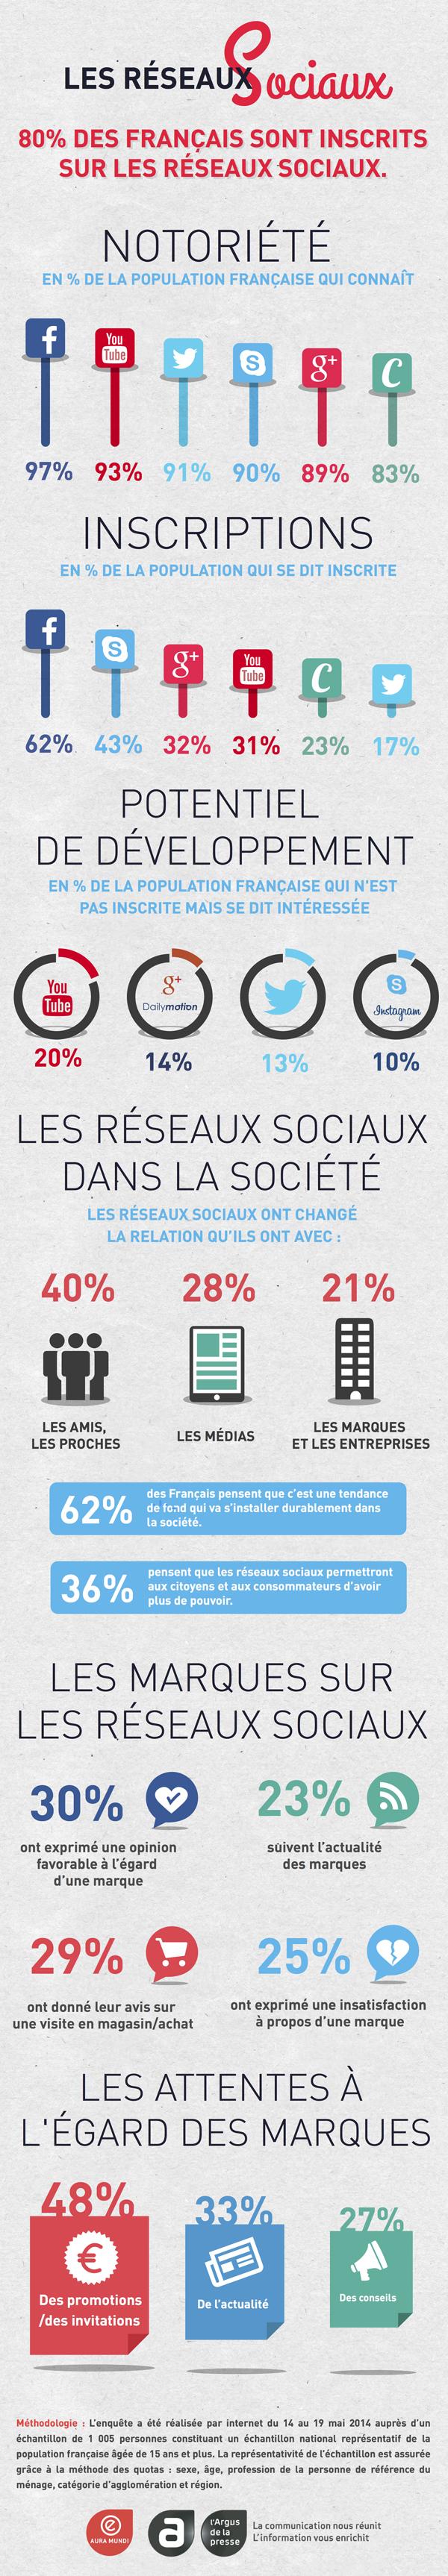 francais-et-reseaux-sociaux-2014